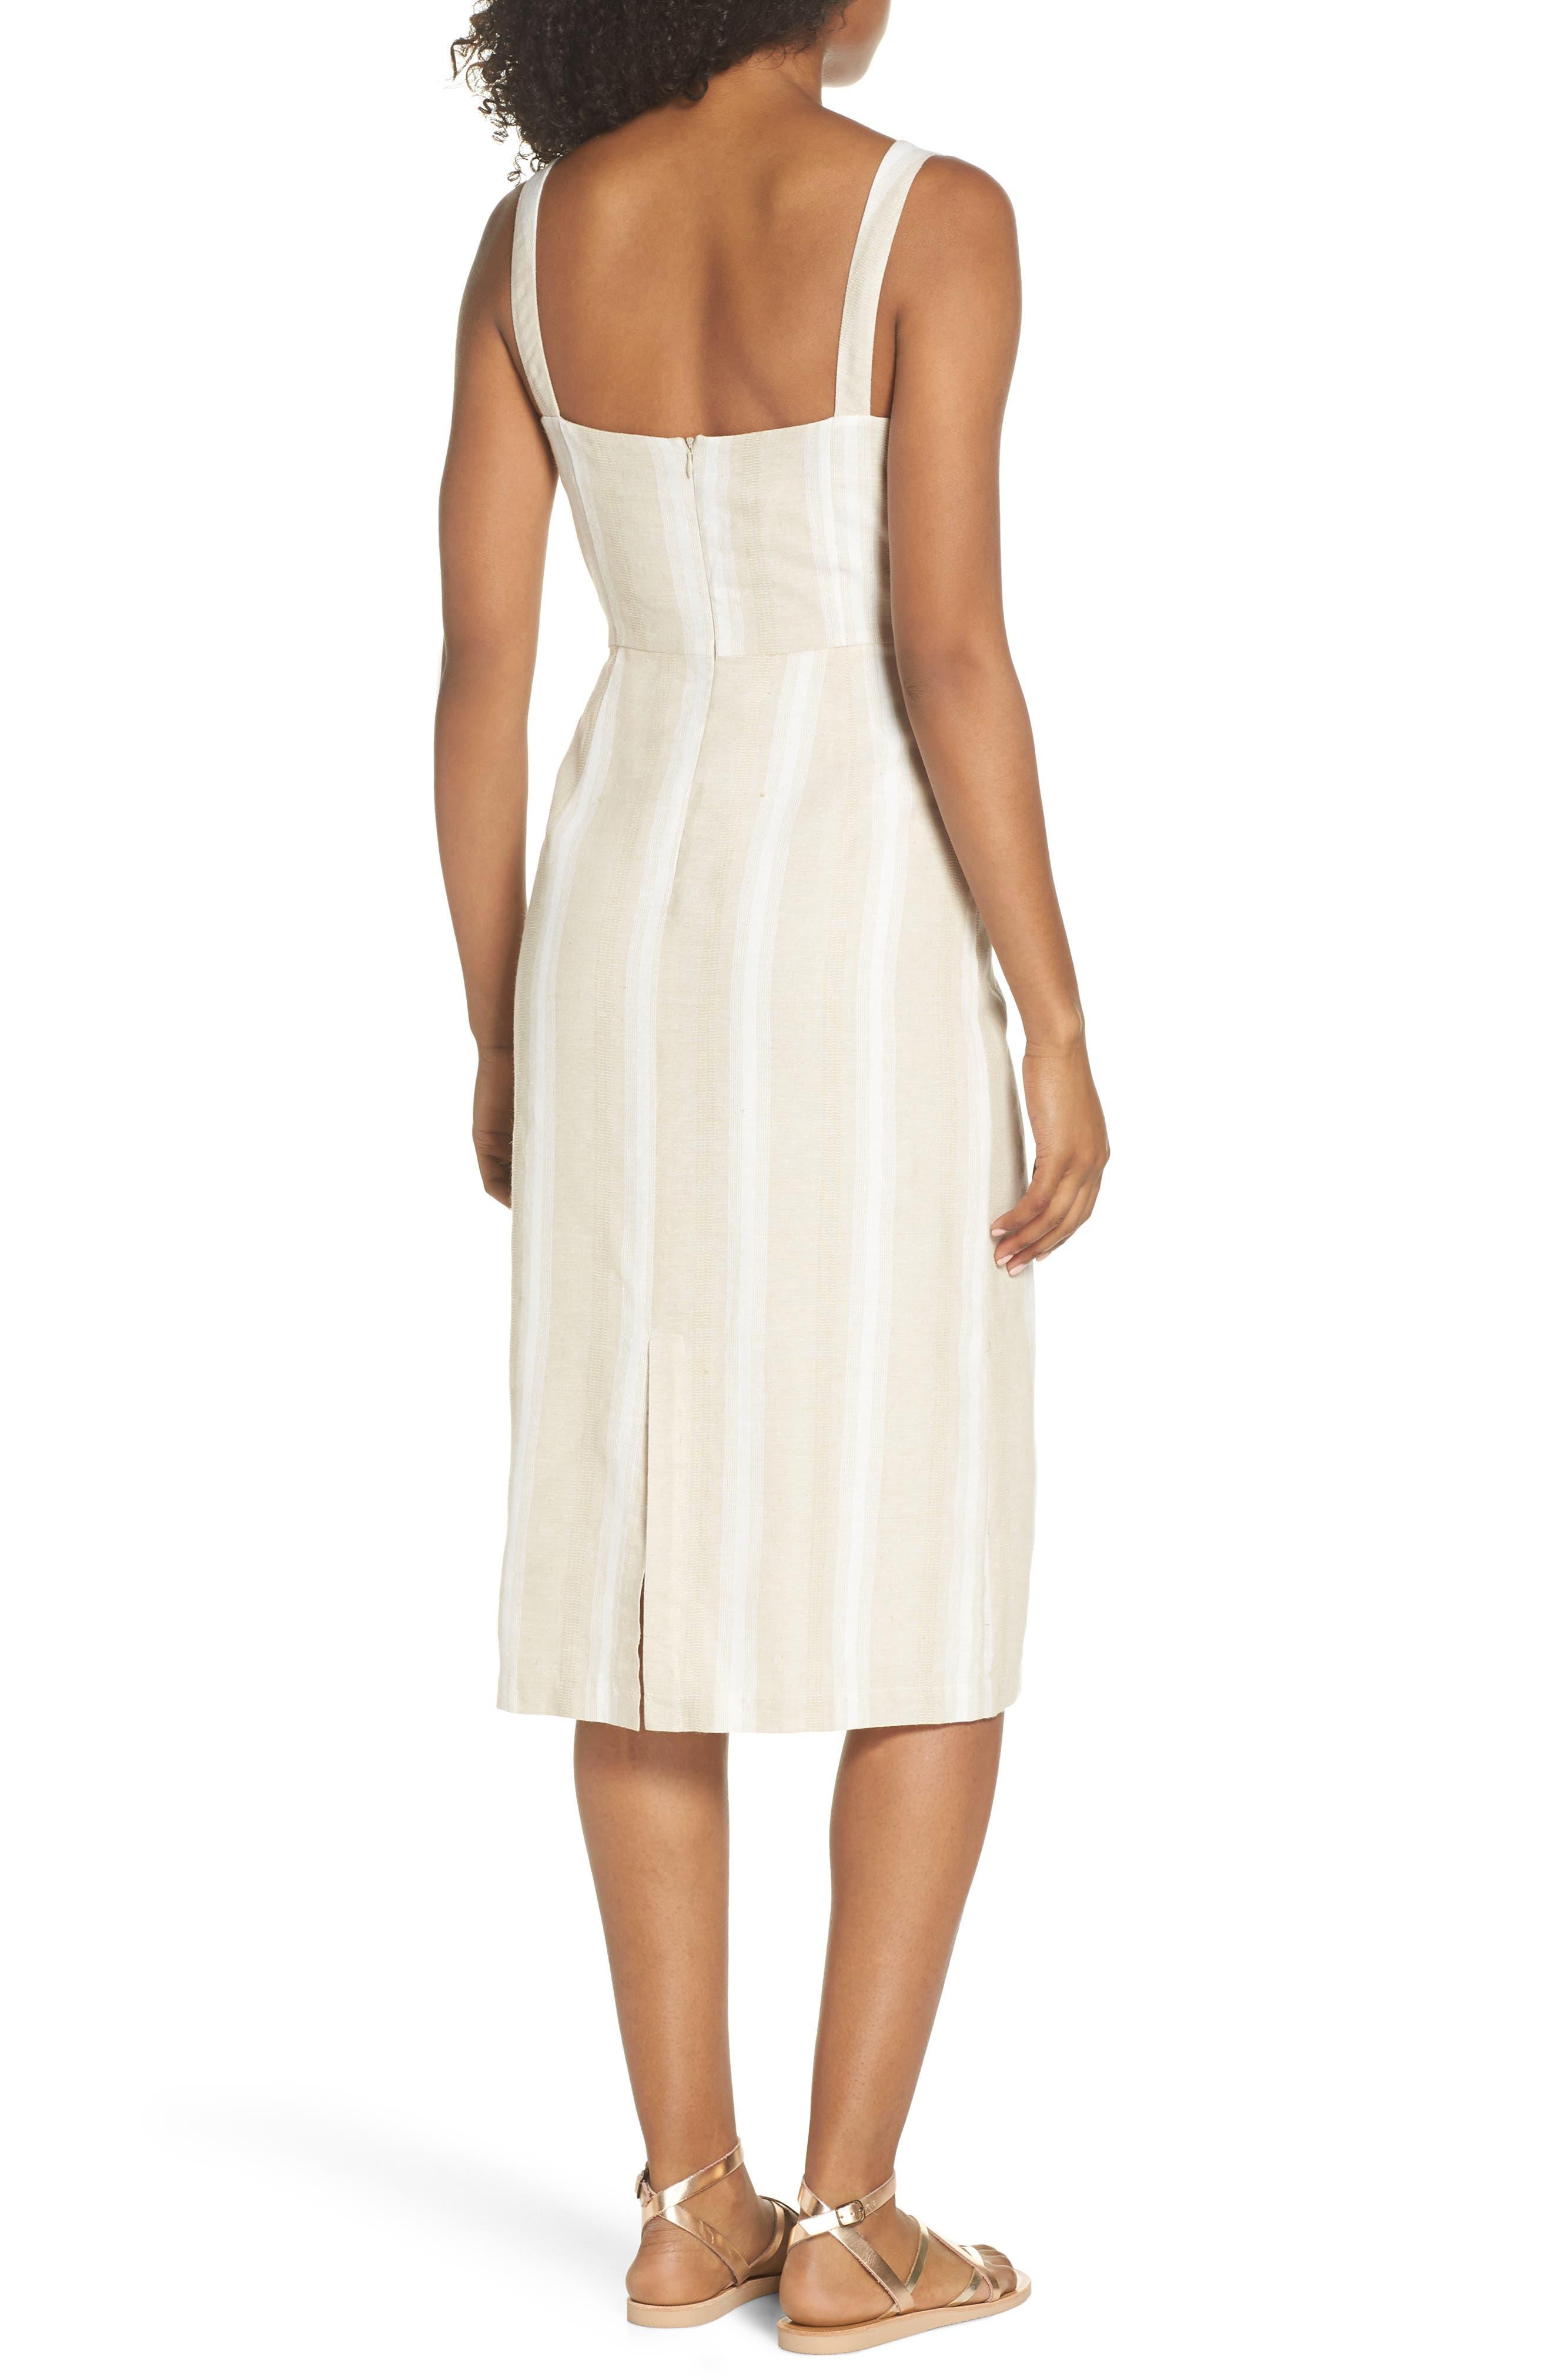 Peekabo Stripe Midi Dress,                             Alternate thumbnail 2, color,                             250